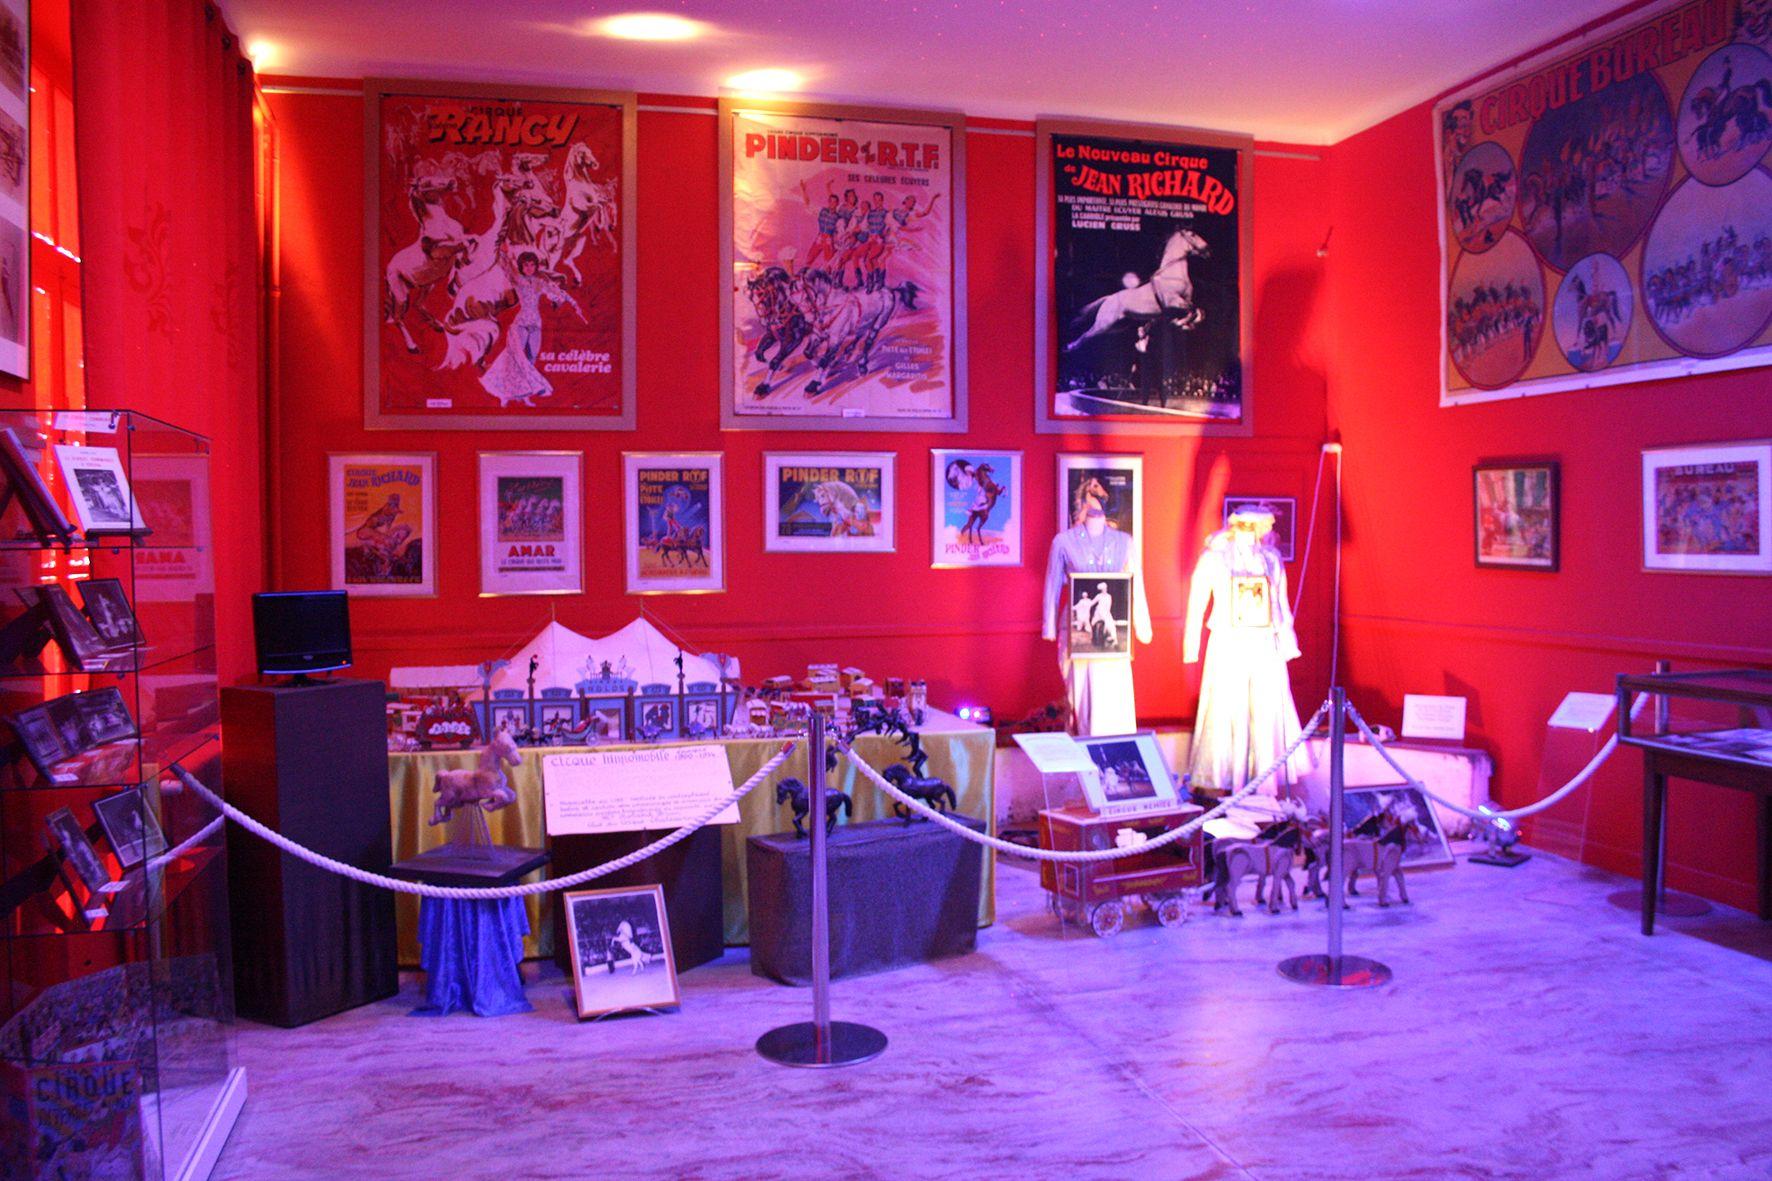 Musée du Cirque de Vatan image